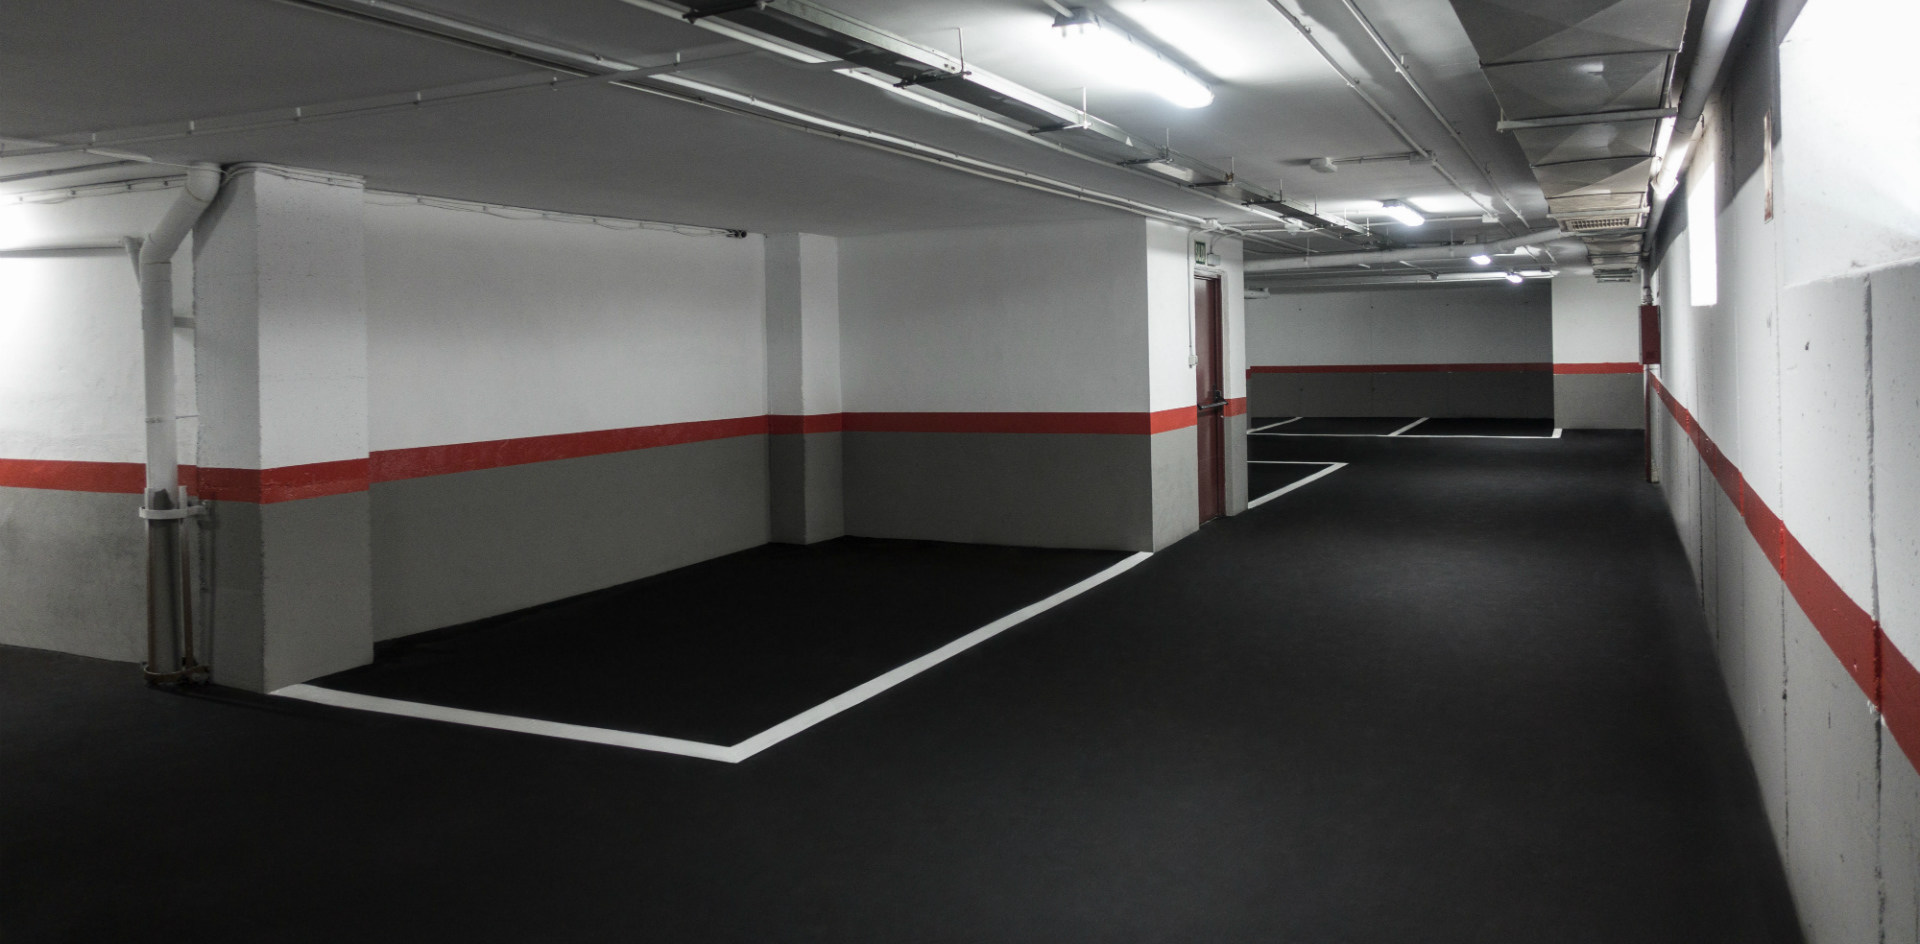 Asfaltamos Garajes Y Parkings